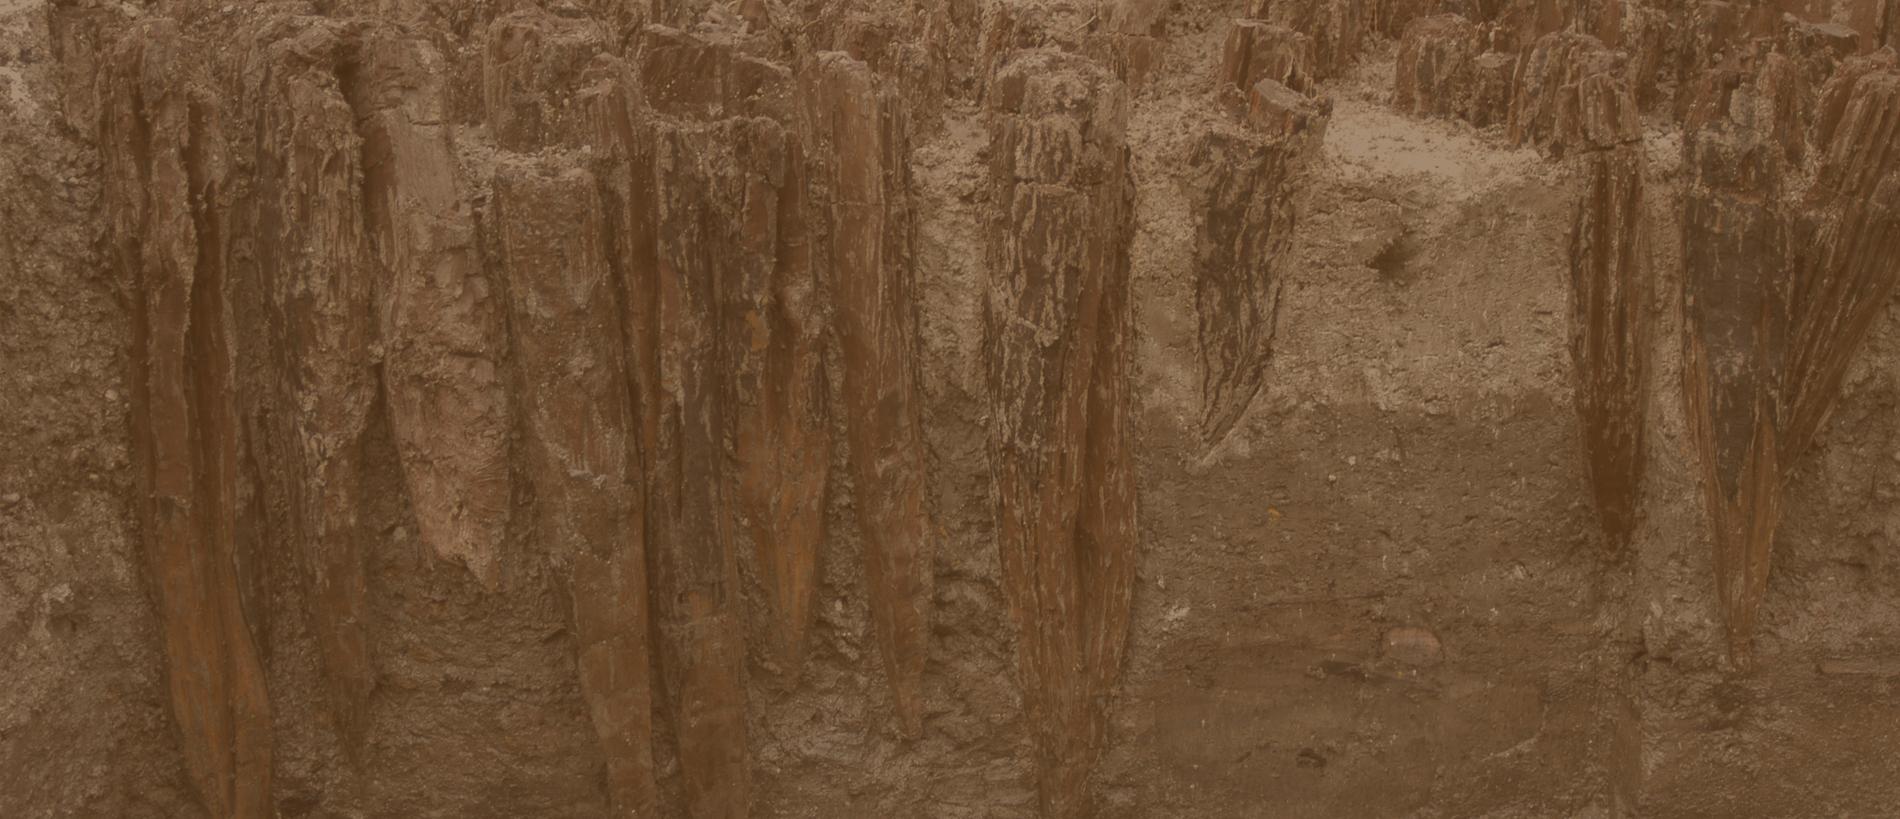 Dendroarchaeologie-Slider-6